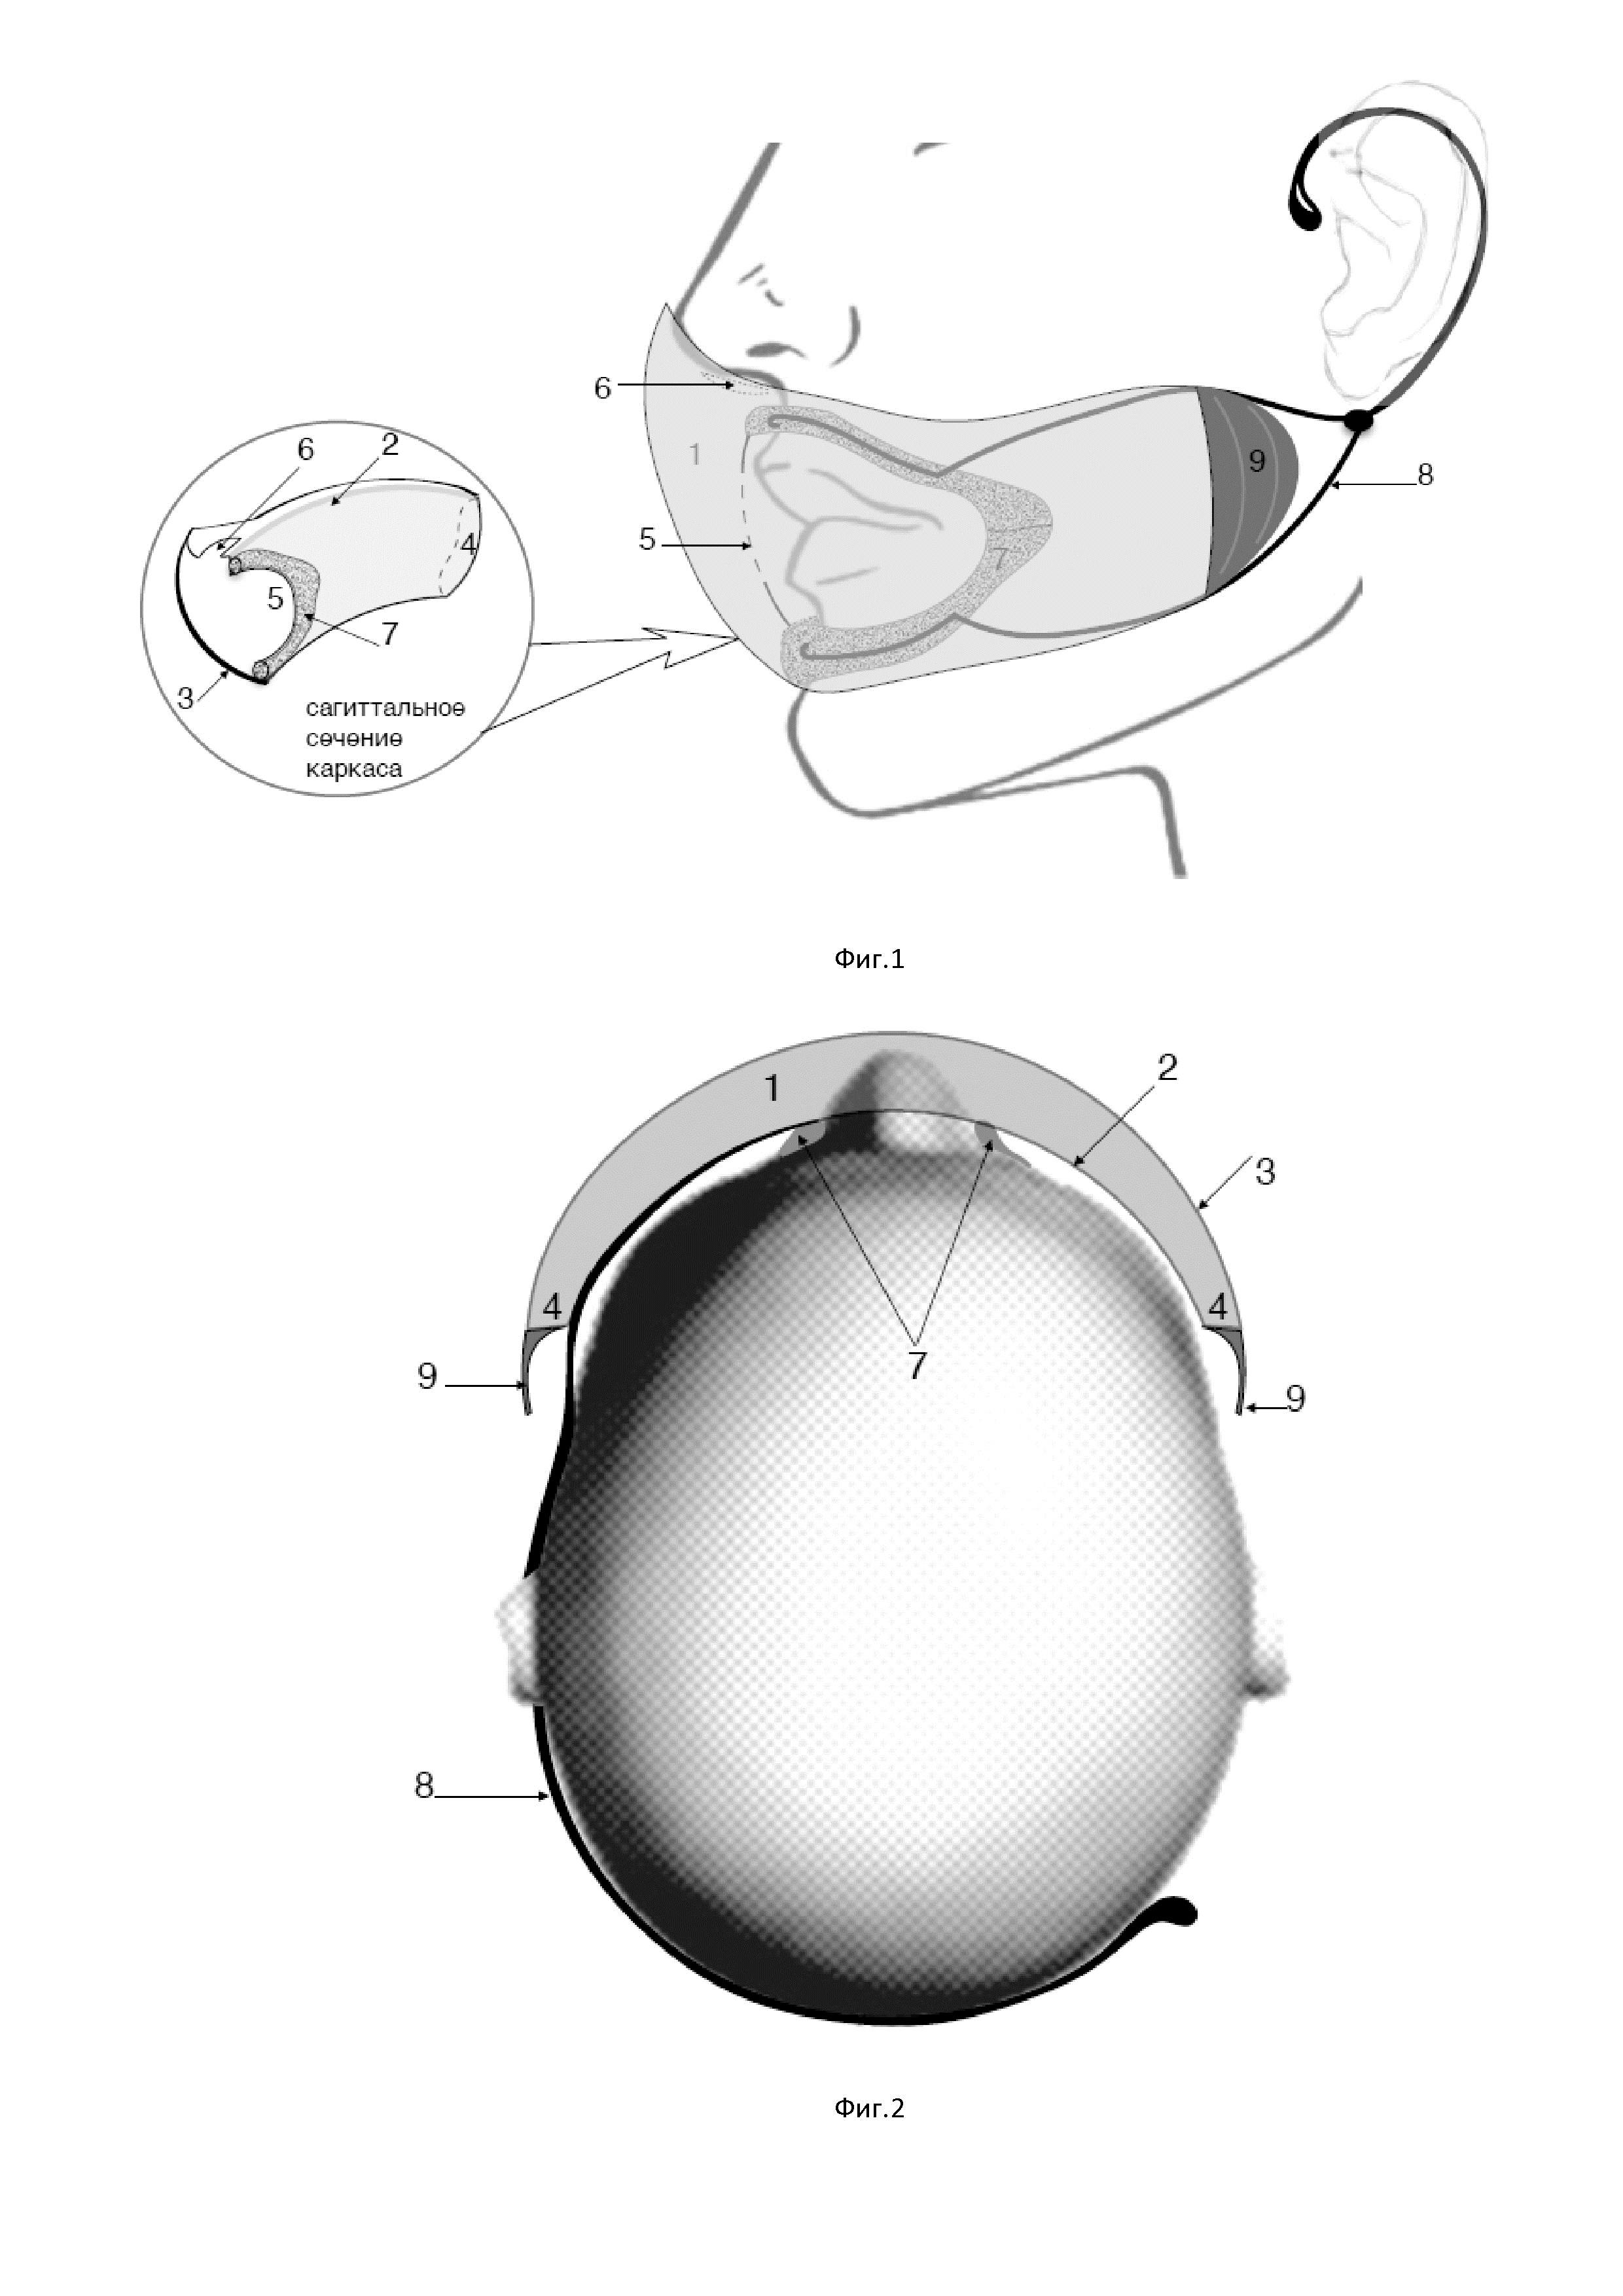 Медицинская маска каркасная барьерно-отводящего типа с опорой